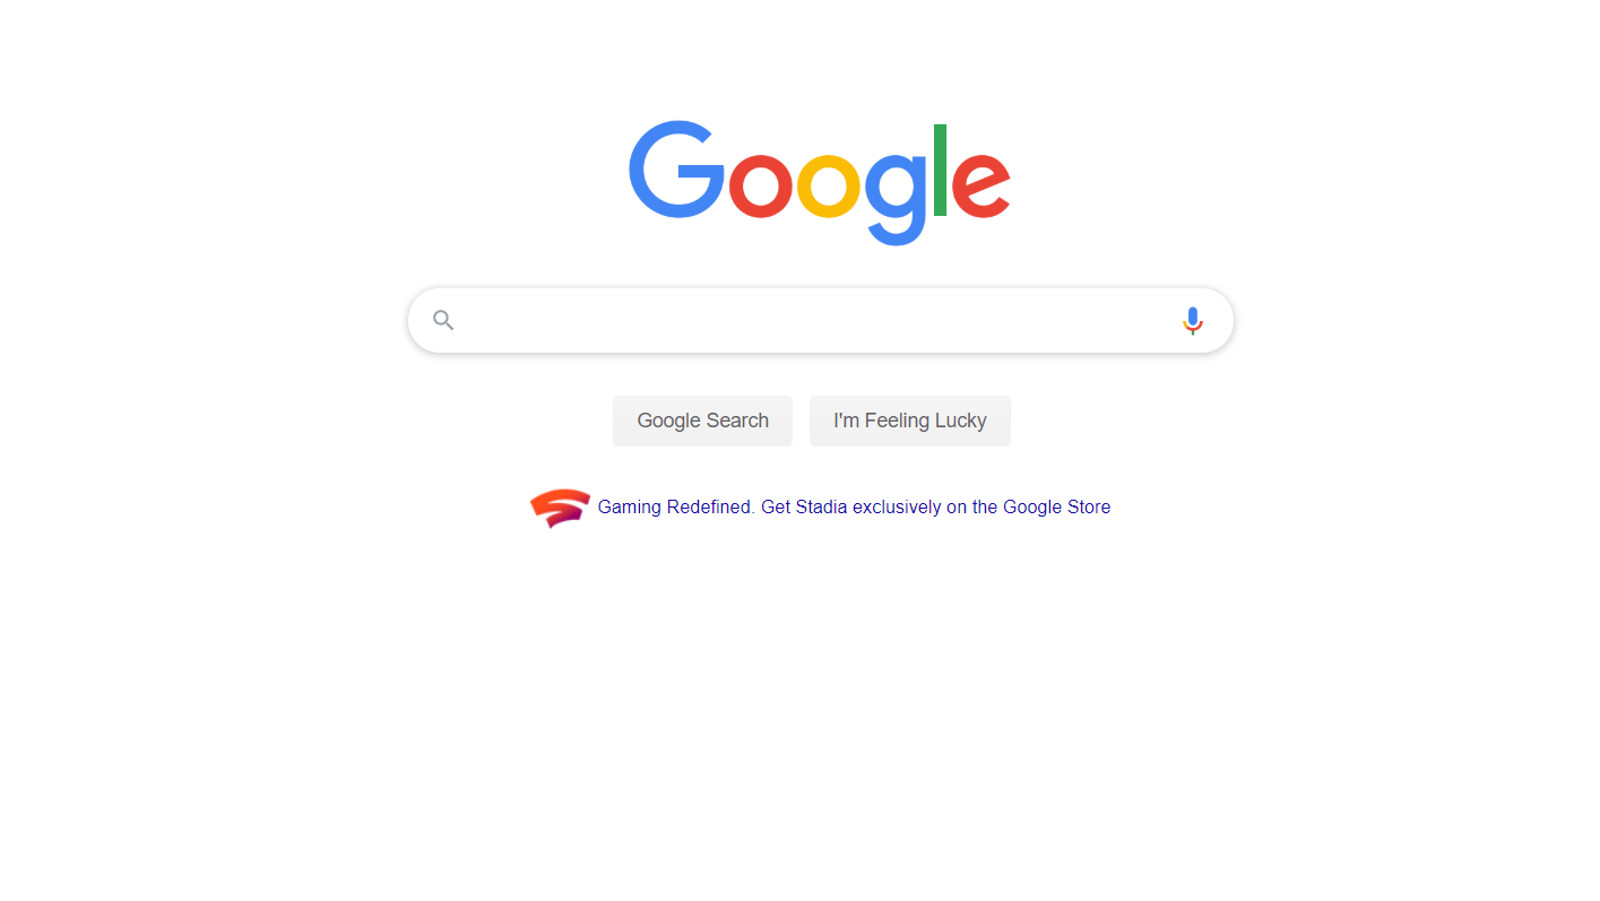 Google продвигают собственный сервис Stadia в своей поисковой системе